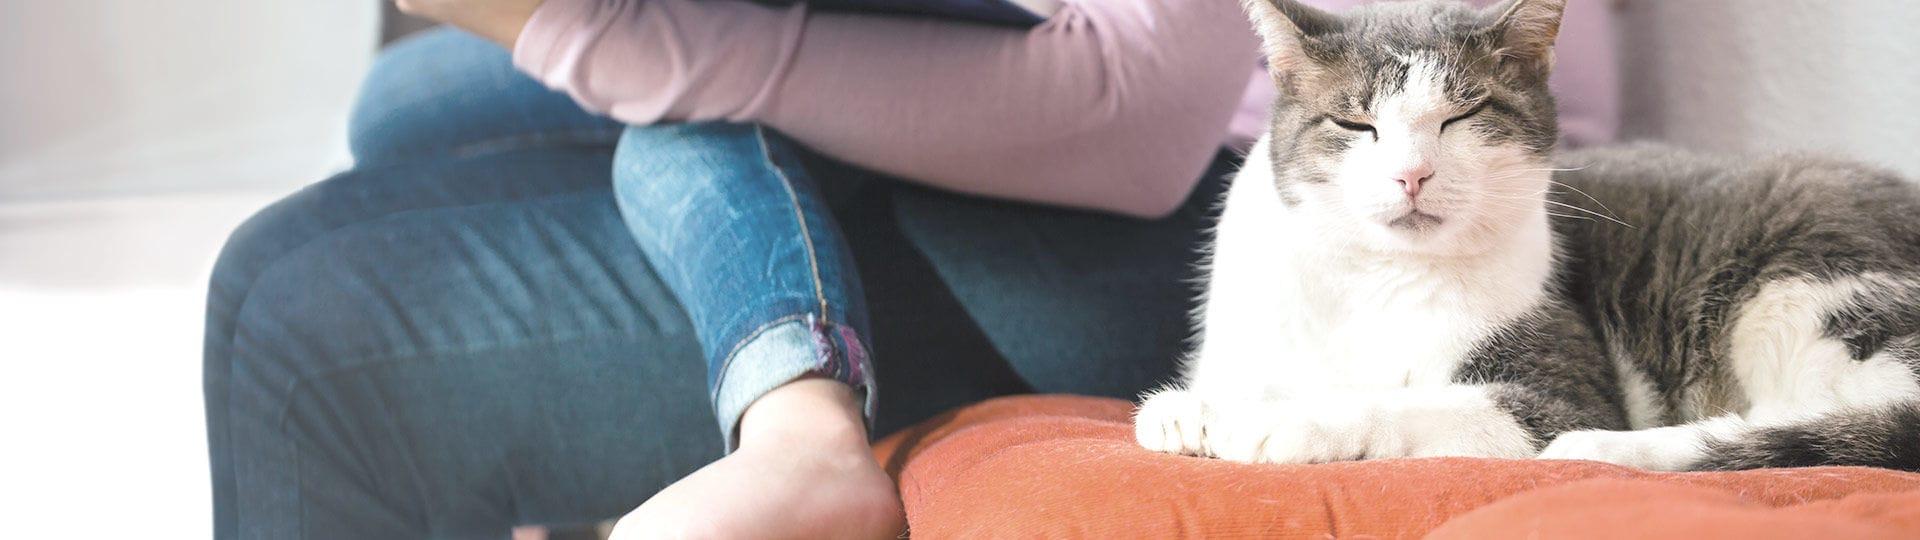 Hvordan du kan hjælpe din kat til at få det bedre når der kommer gæster